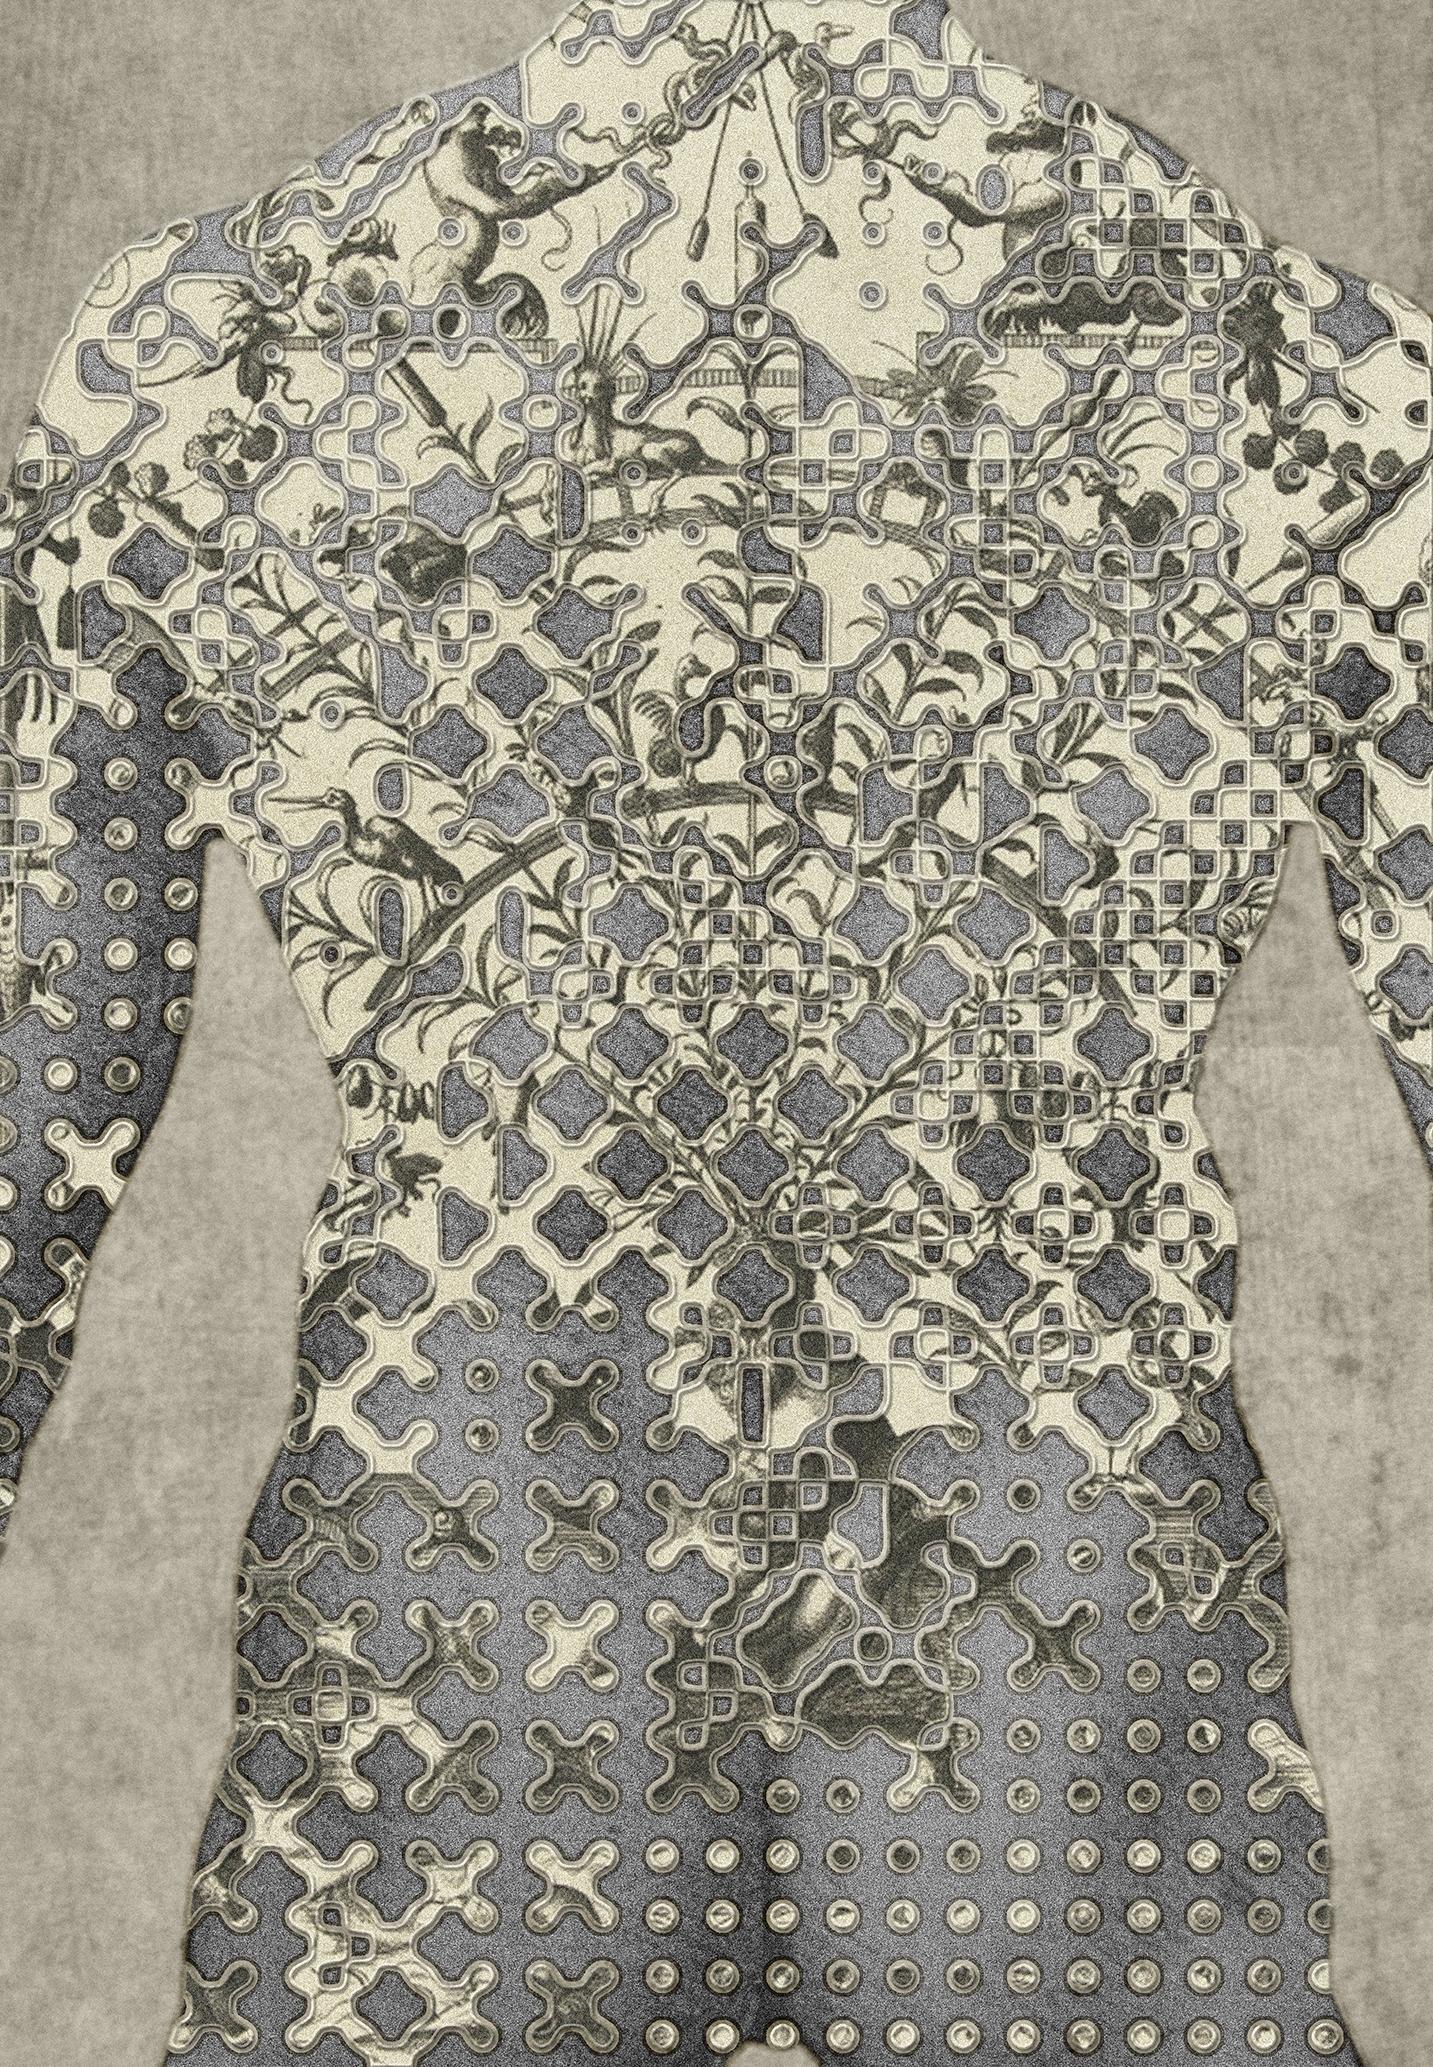 Baroque man - illustration, fashion - vladasorze | ello